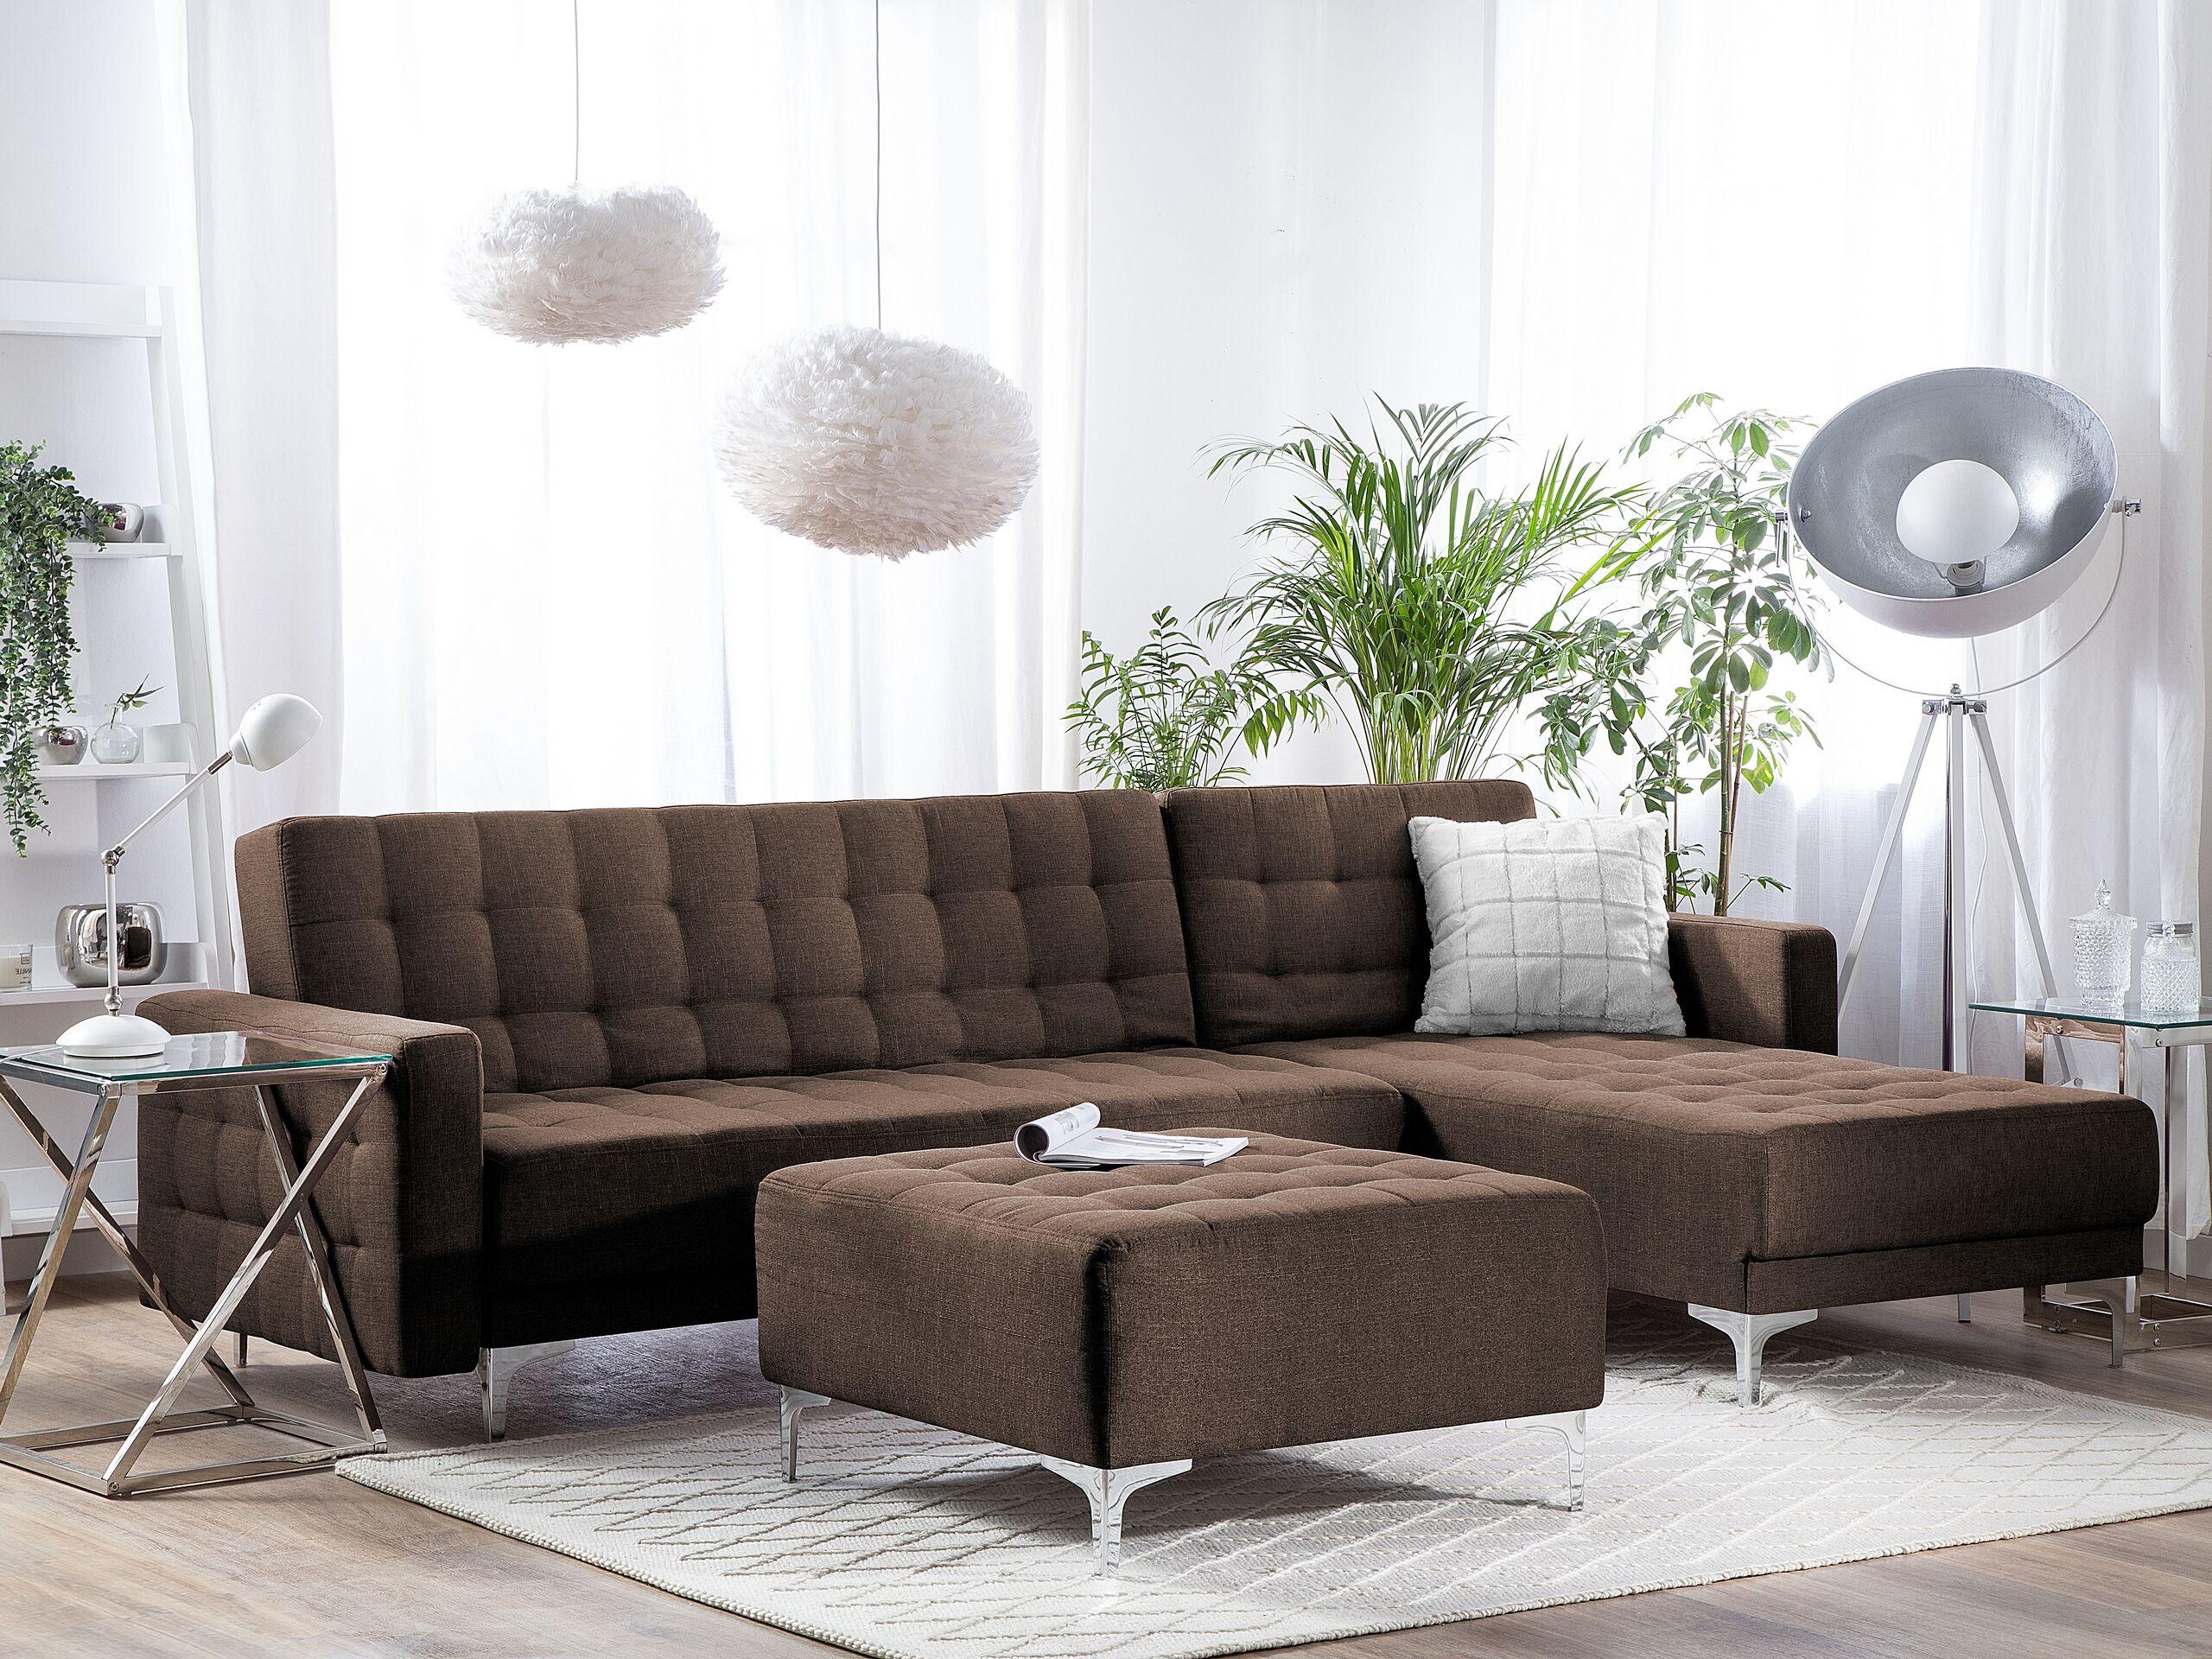 Canapé angle à gauche en tissu marron foncé avec pouf ottoman